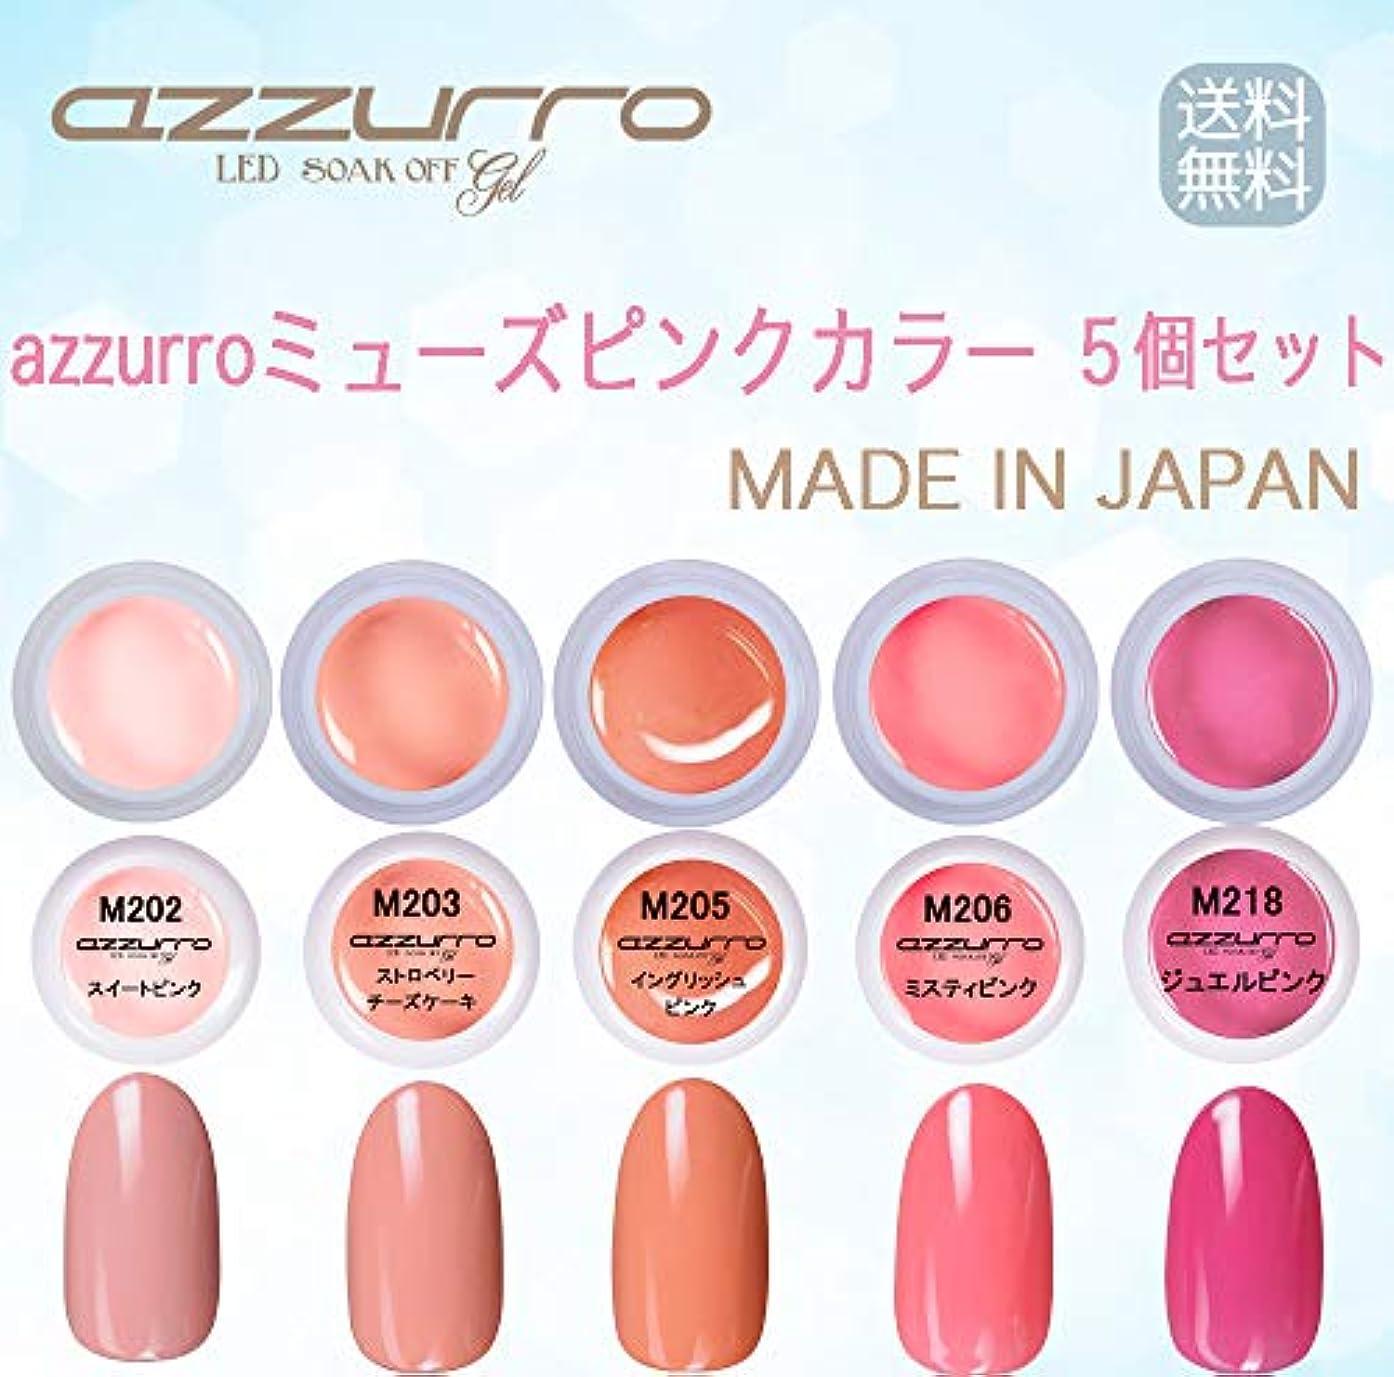 部分部分半導体【送料無料】日本製 azzurro gel ミューズピンクカラージェル5個セット 春色にもかかせないマットコートとスモーキーパステルカラー